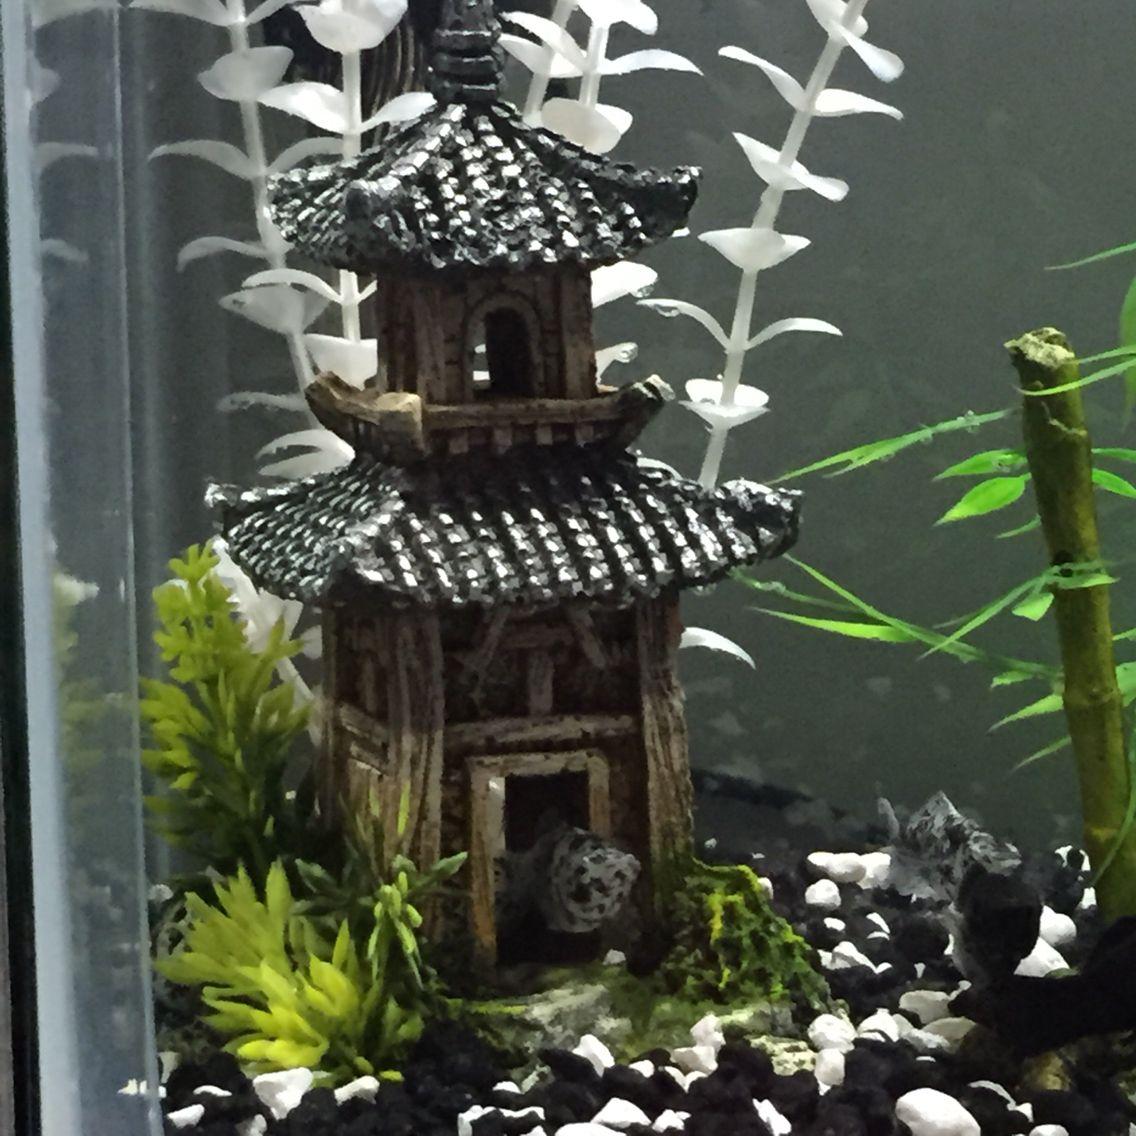 Fish for asian aquarium - Molly Fish In Asian Aquarium